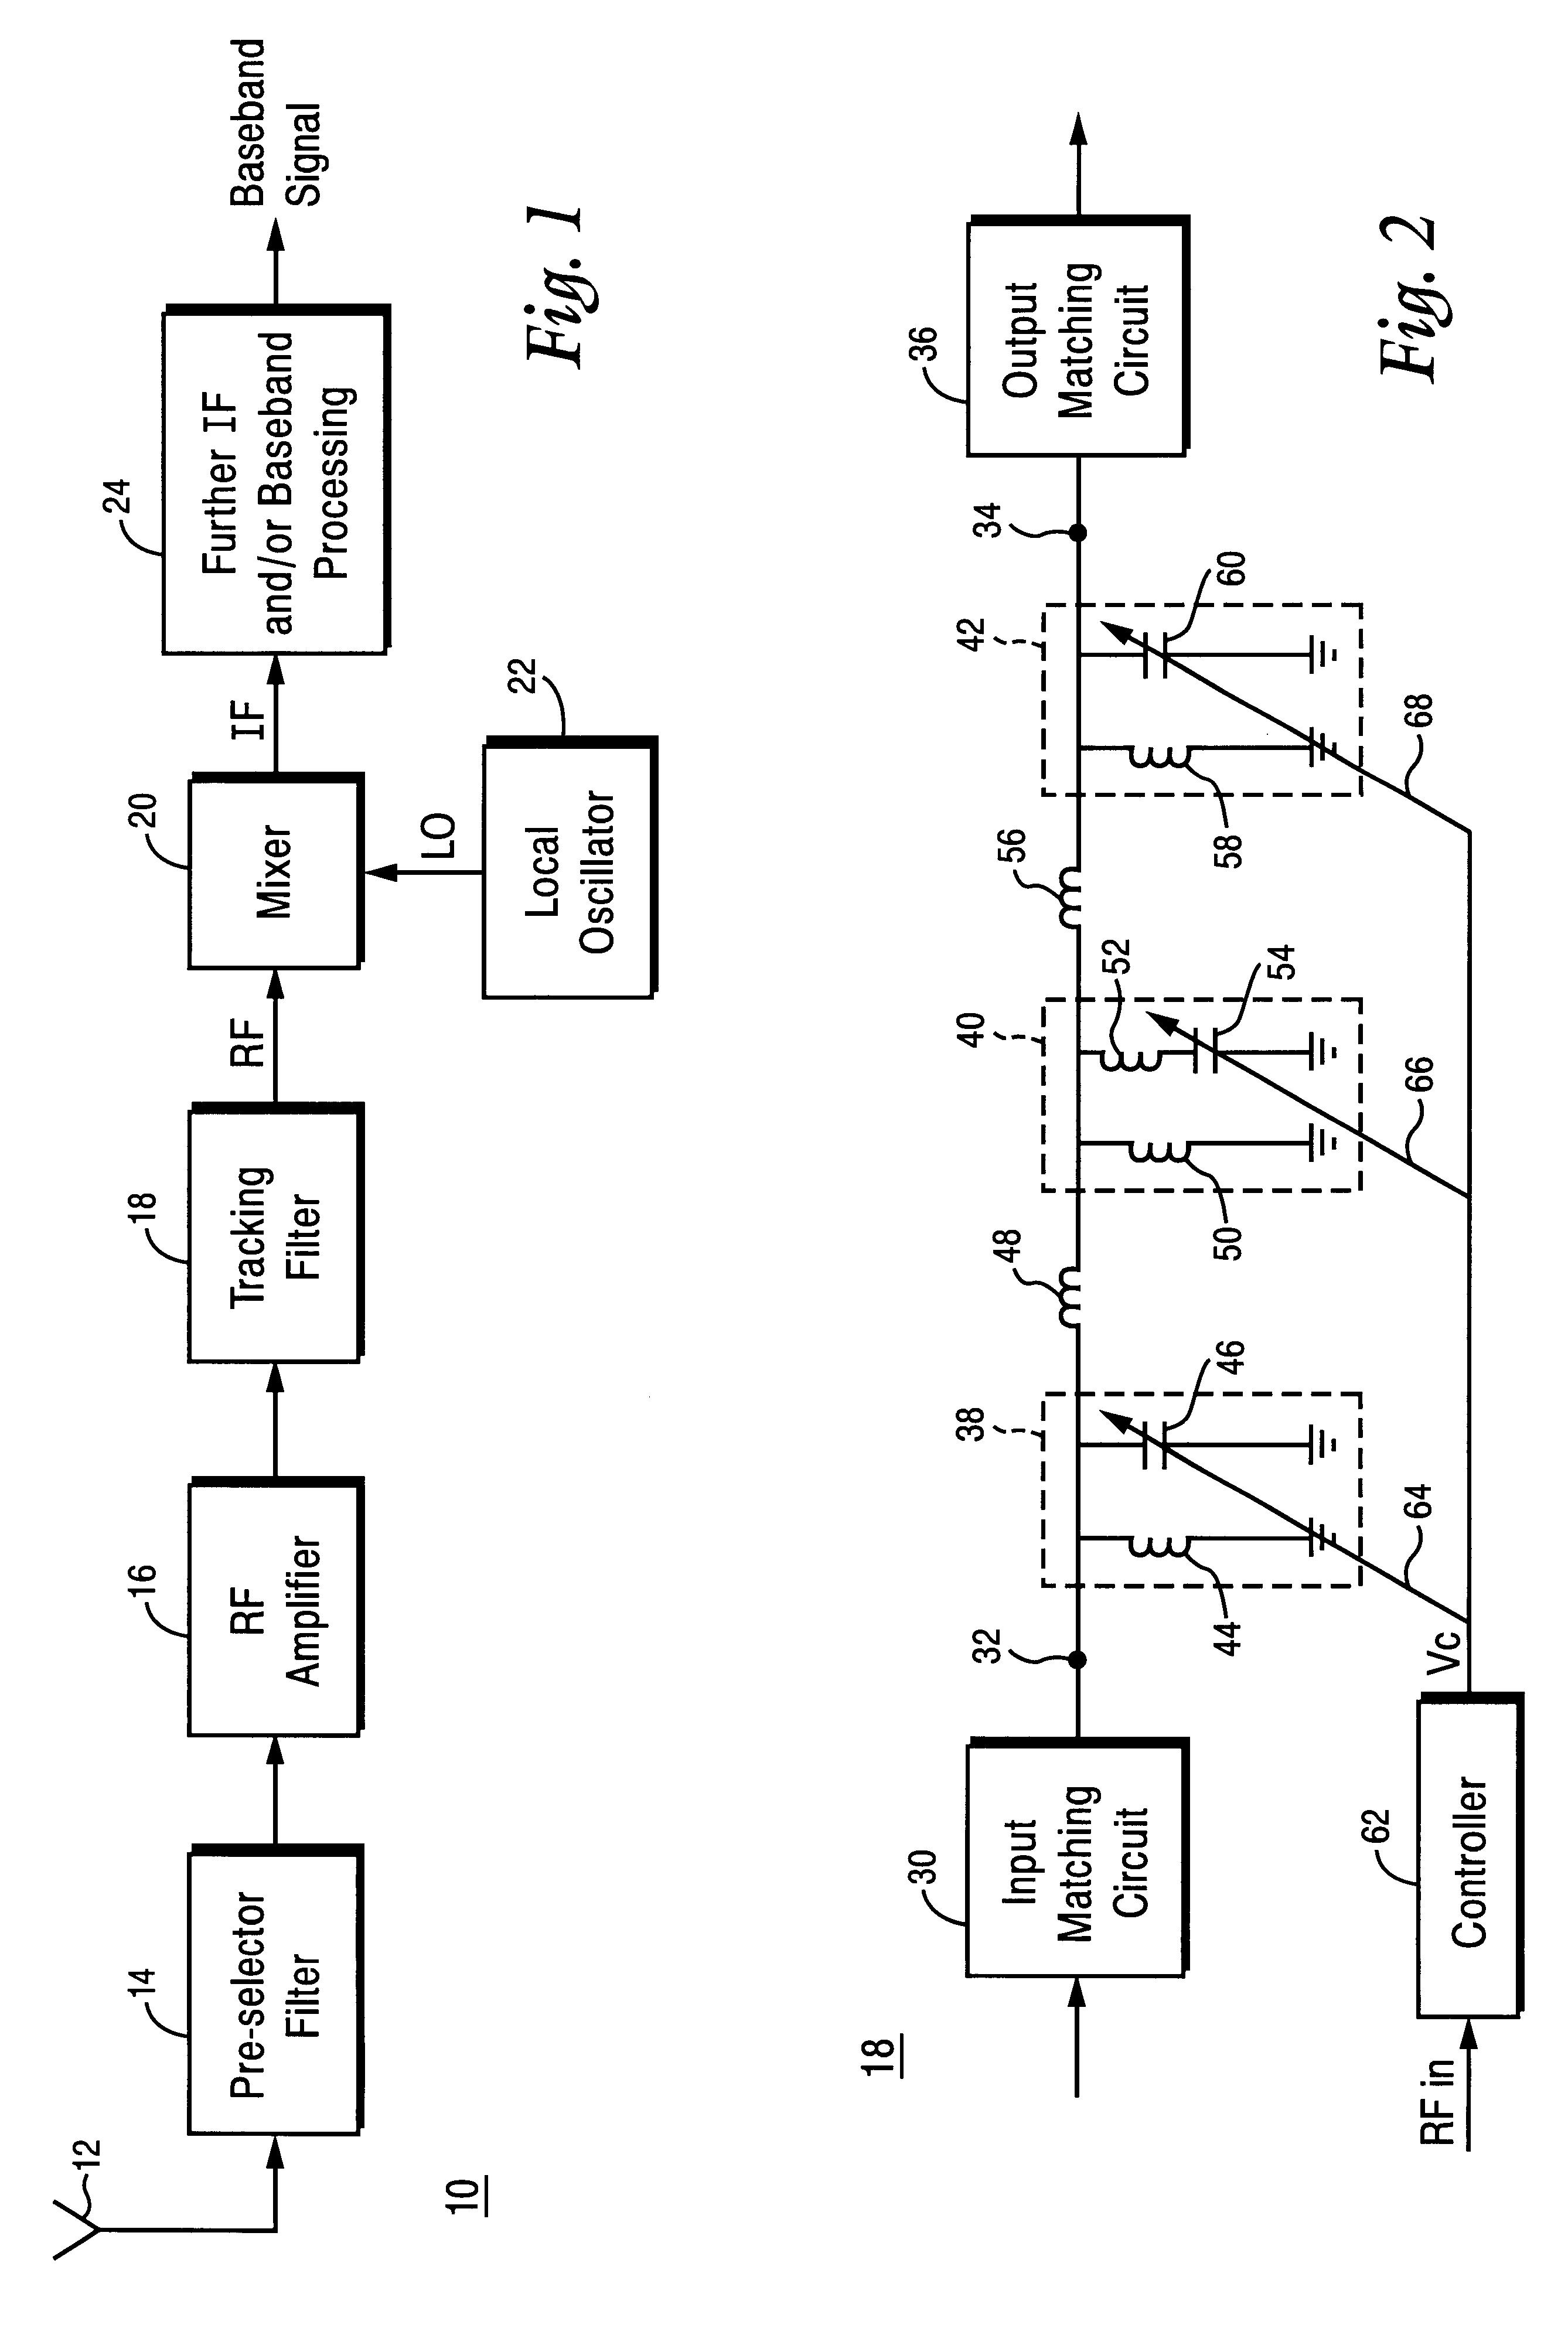 patent us6453157